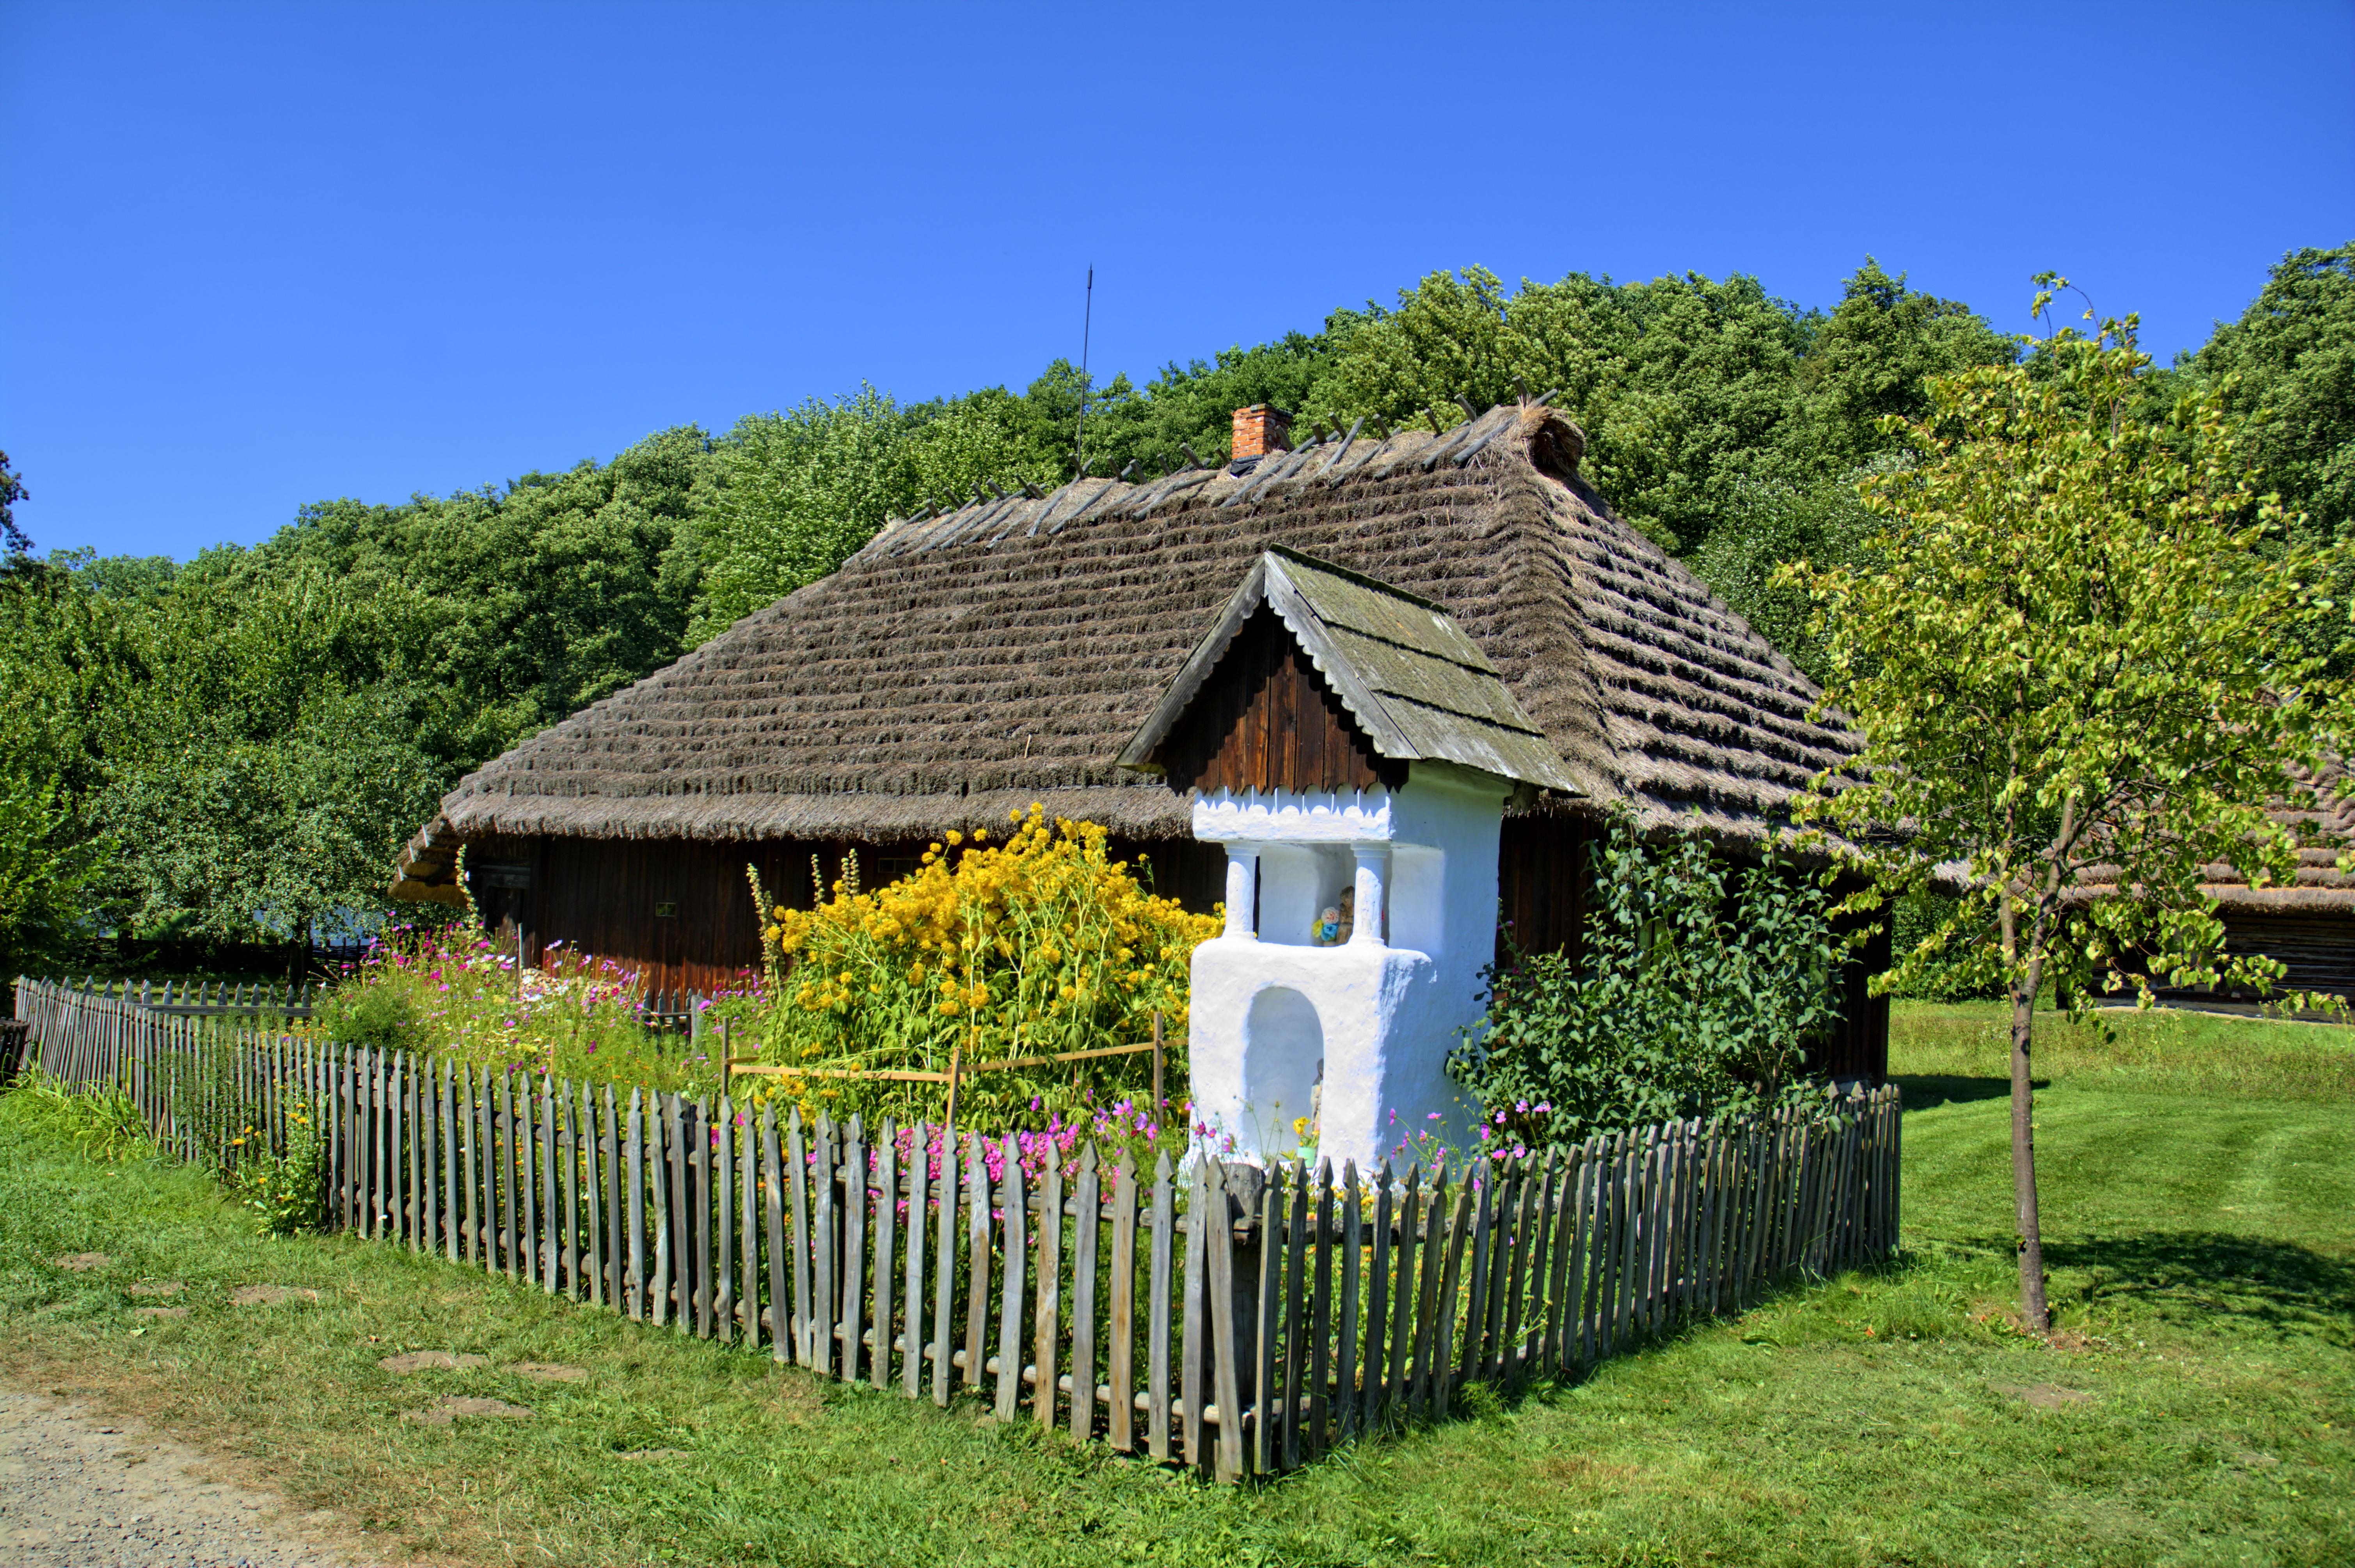 Деревни сады польши фото новые